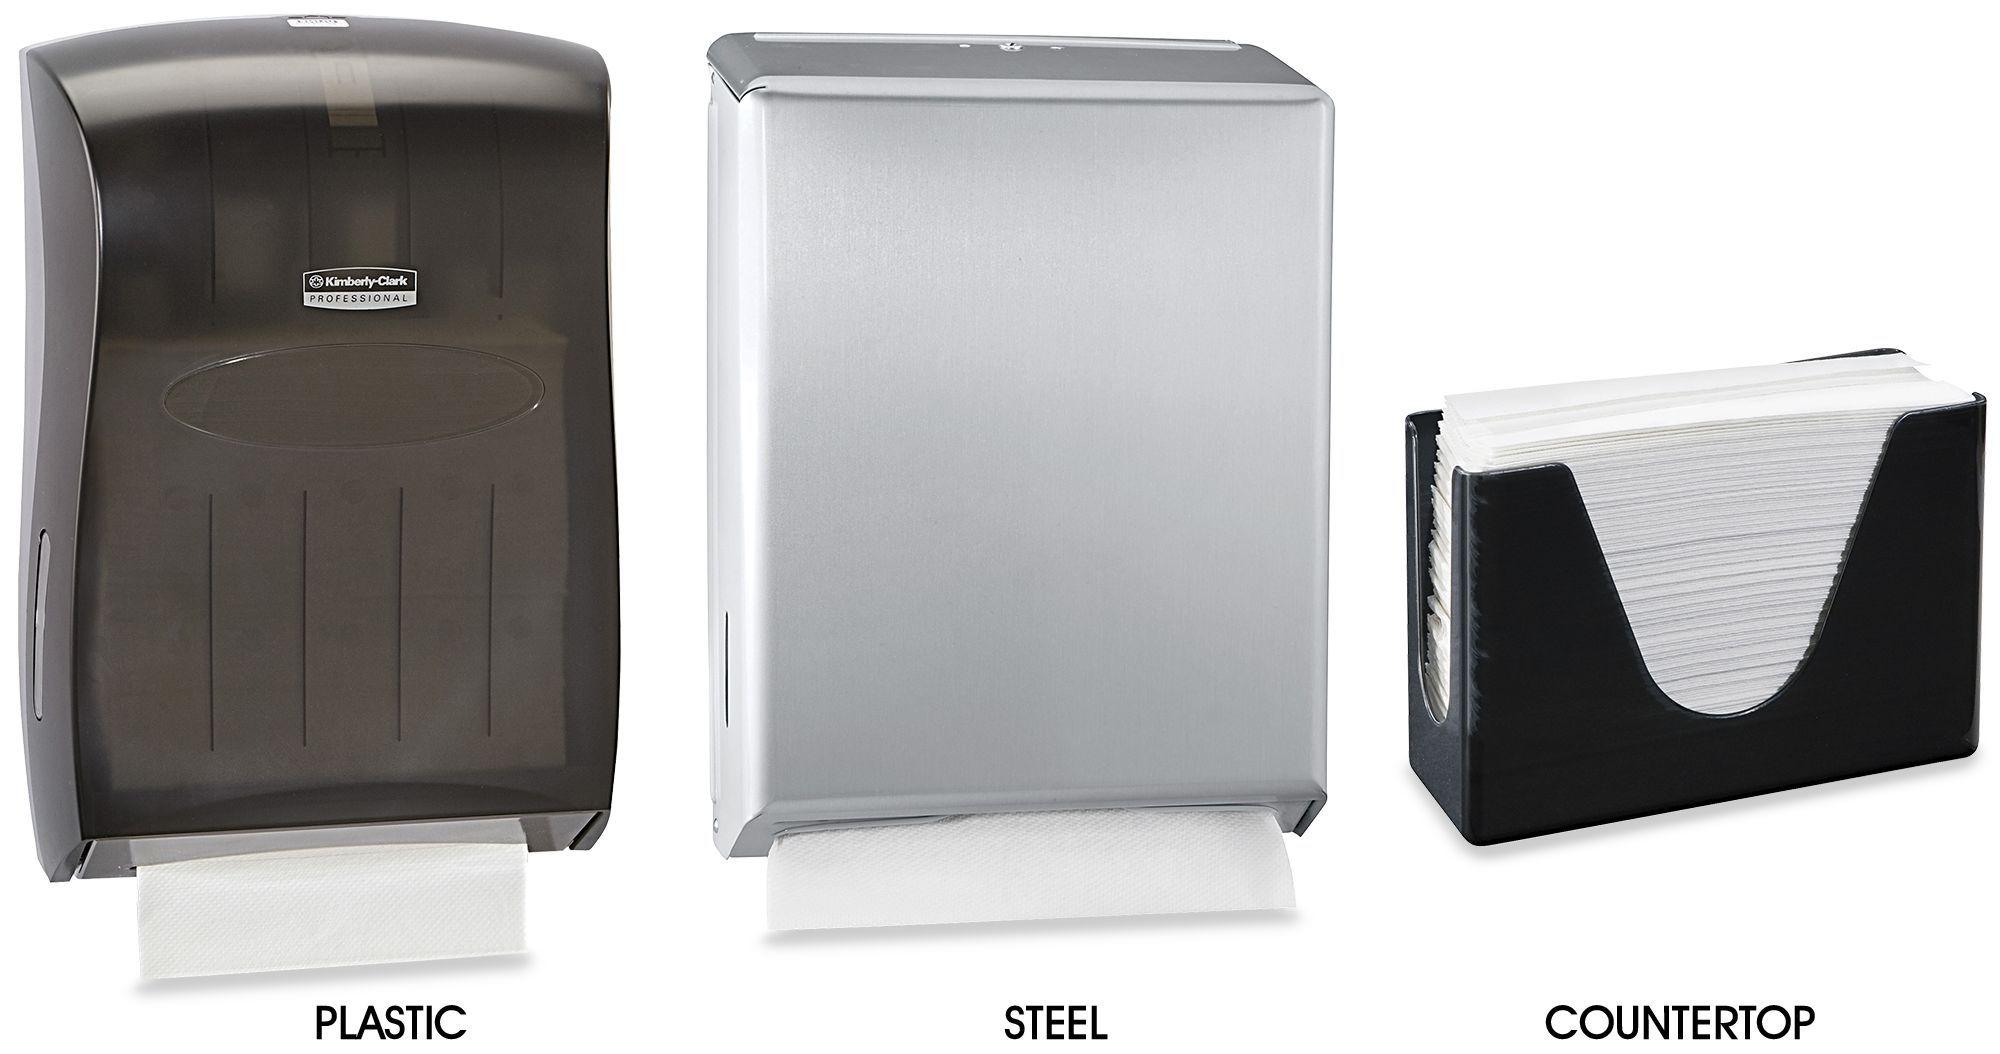 Chrome Paper Towel Dispenser C Fold Towel Dispenser In Stock